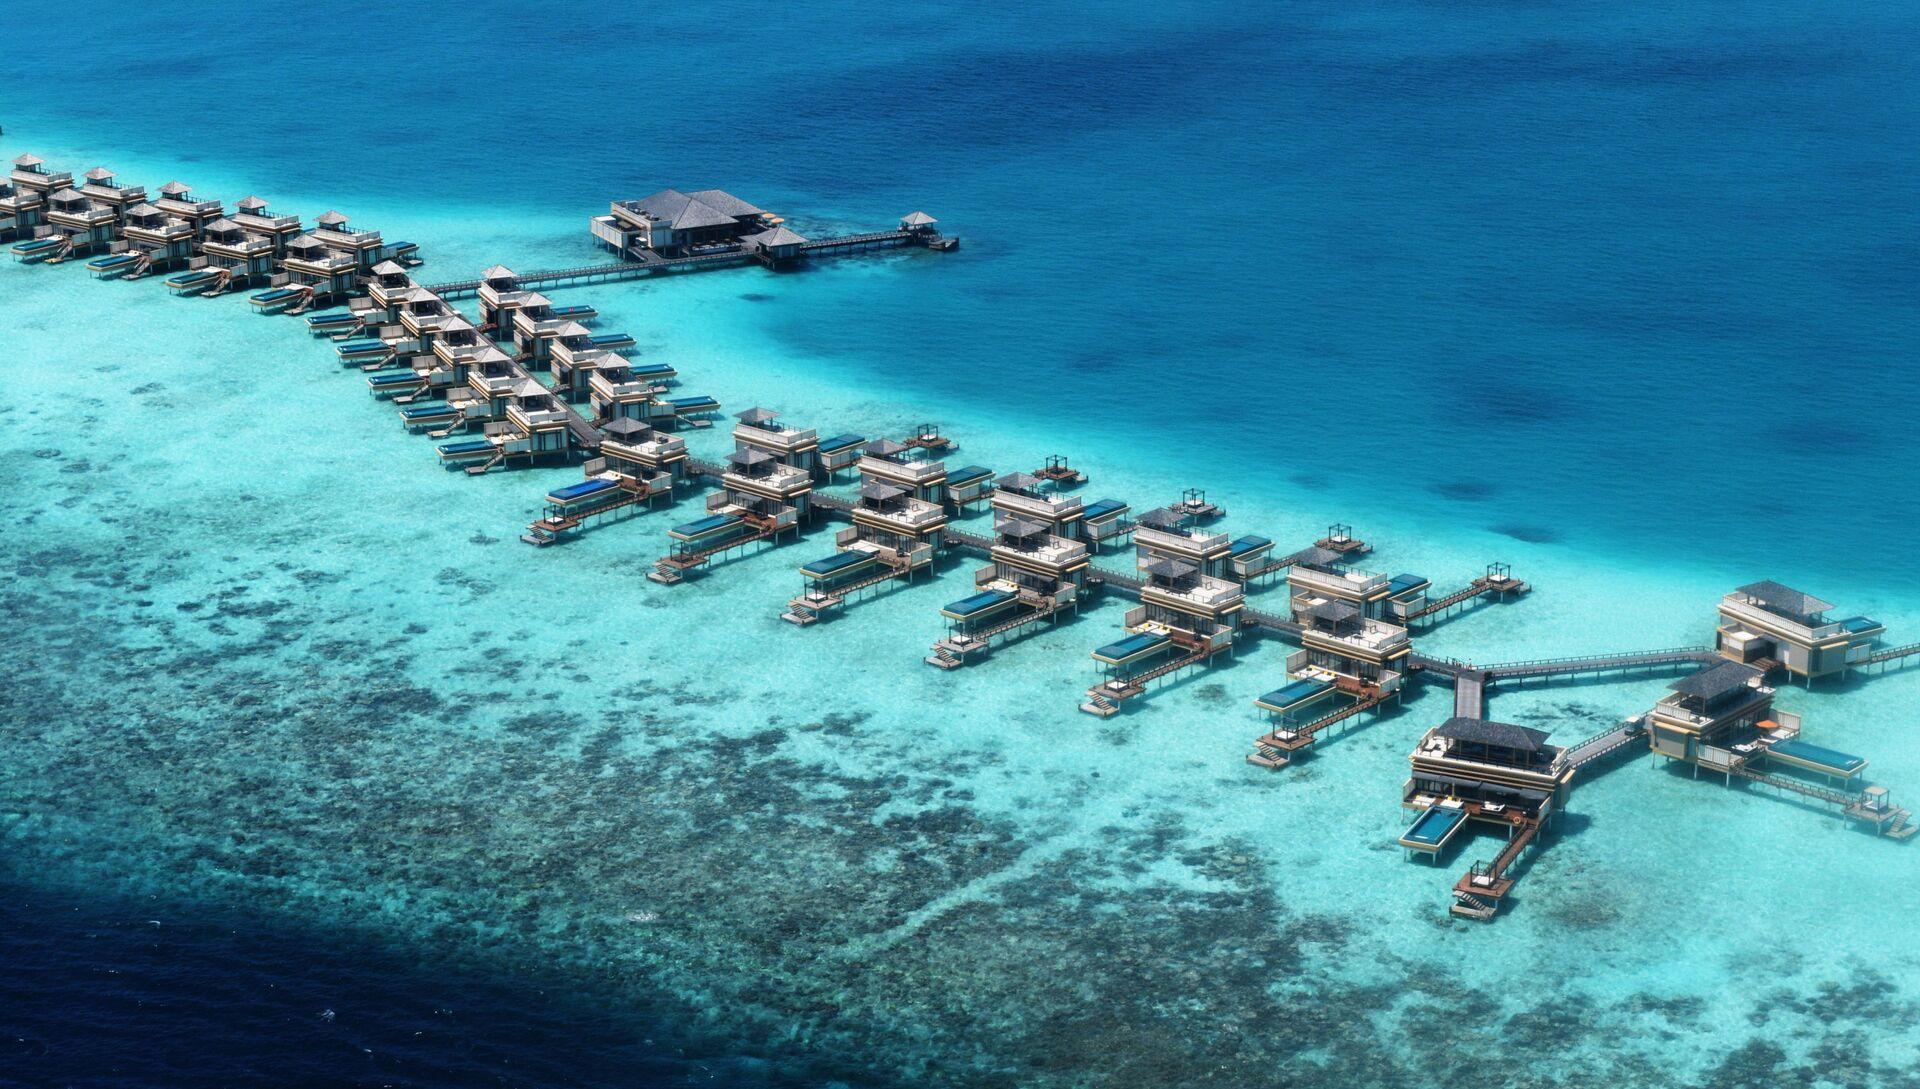 Виллы для туристов на рифе Мальдивского архипелага - РИА Новости, 1920, 31.05.2021